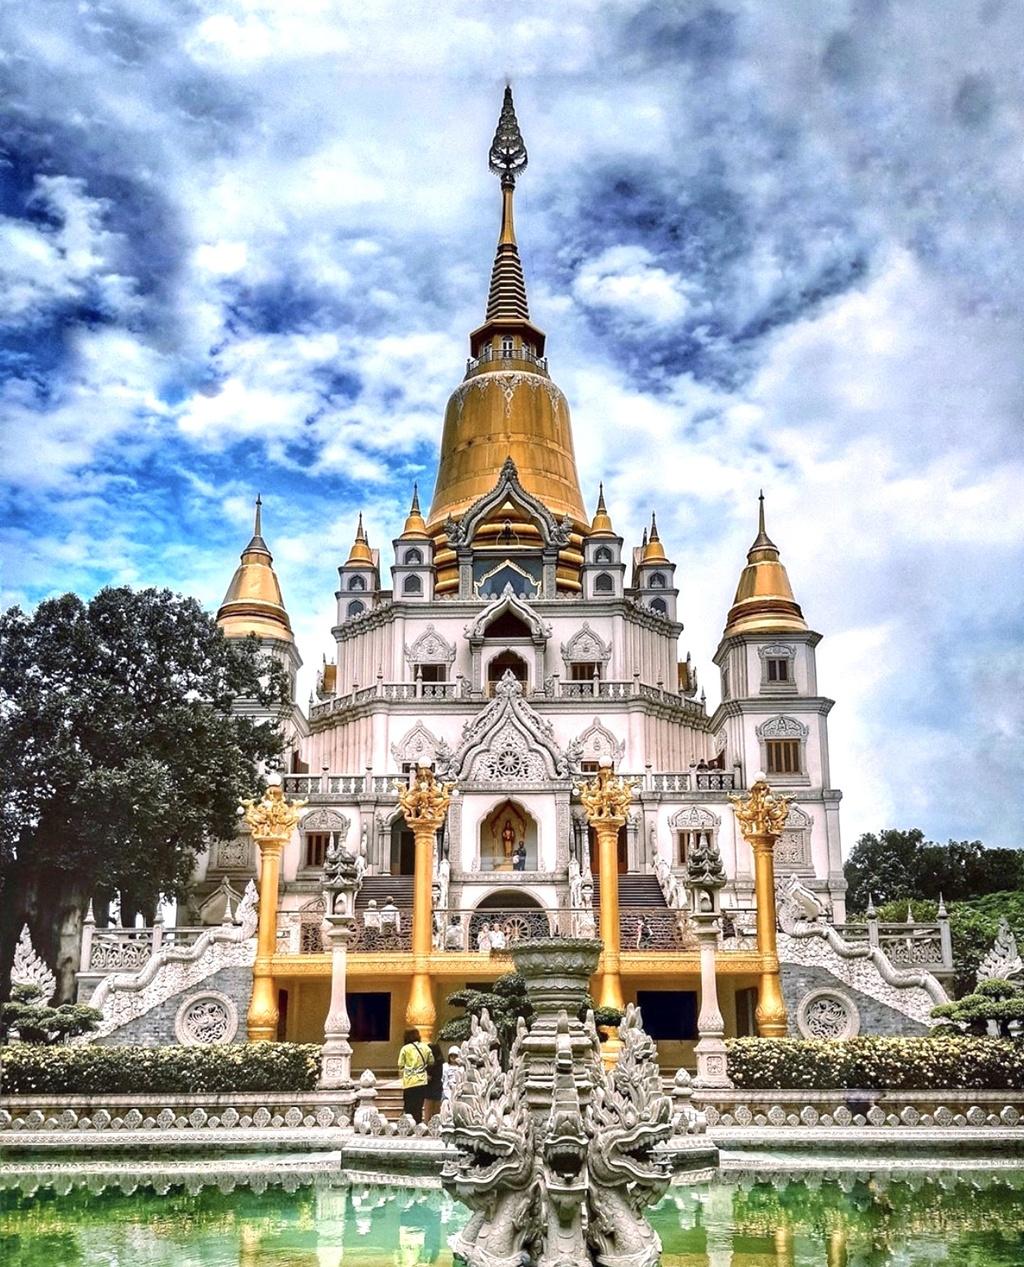 4 ngoi chua noi tieng, hut du khach check-in tai Viet Nam hinh anh 4 IMG_3539.jpg